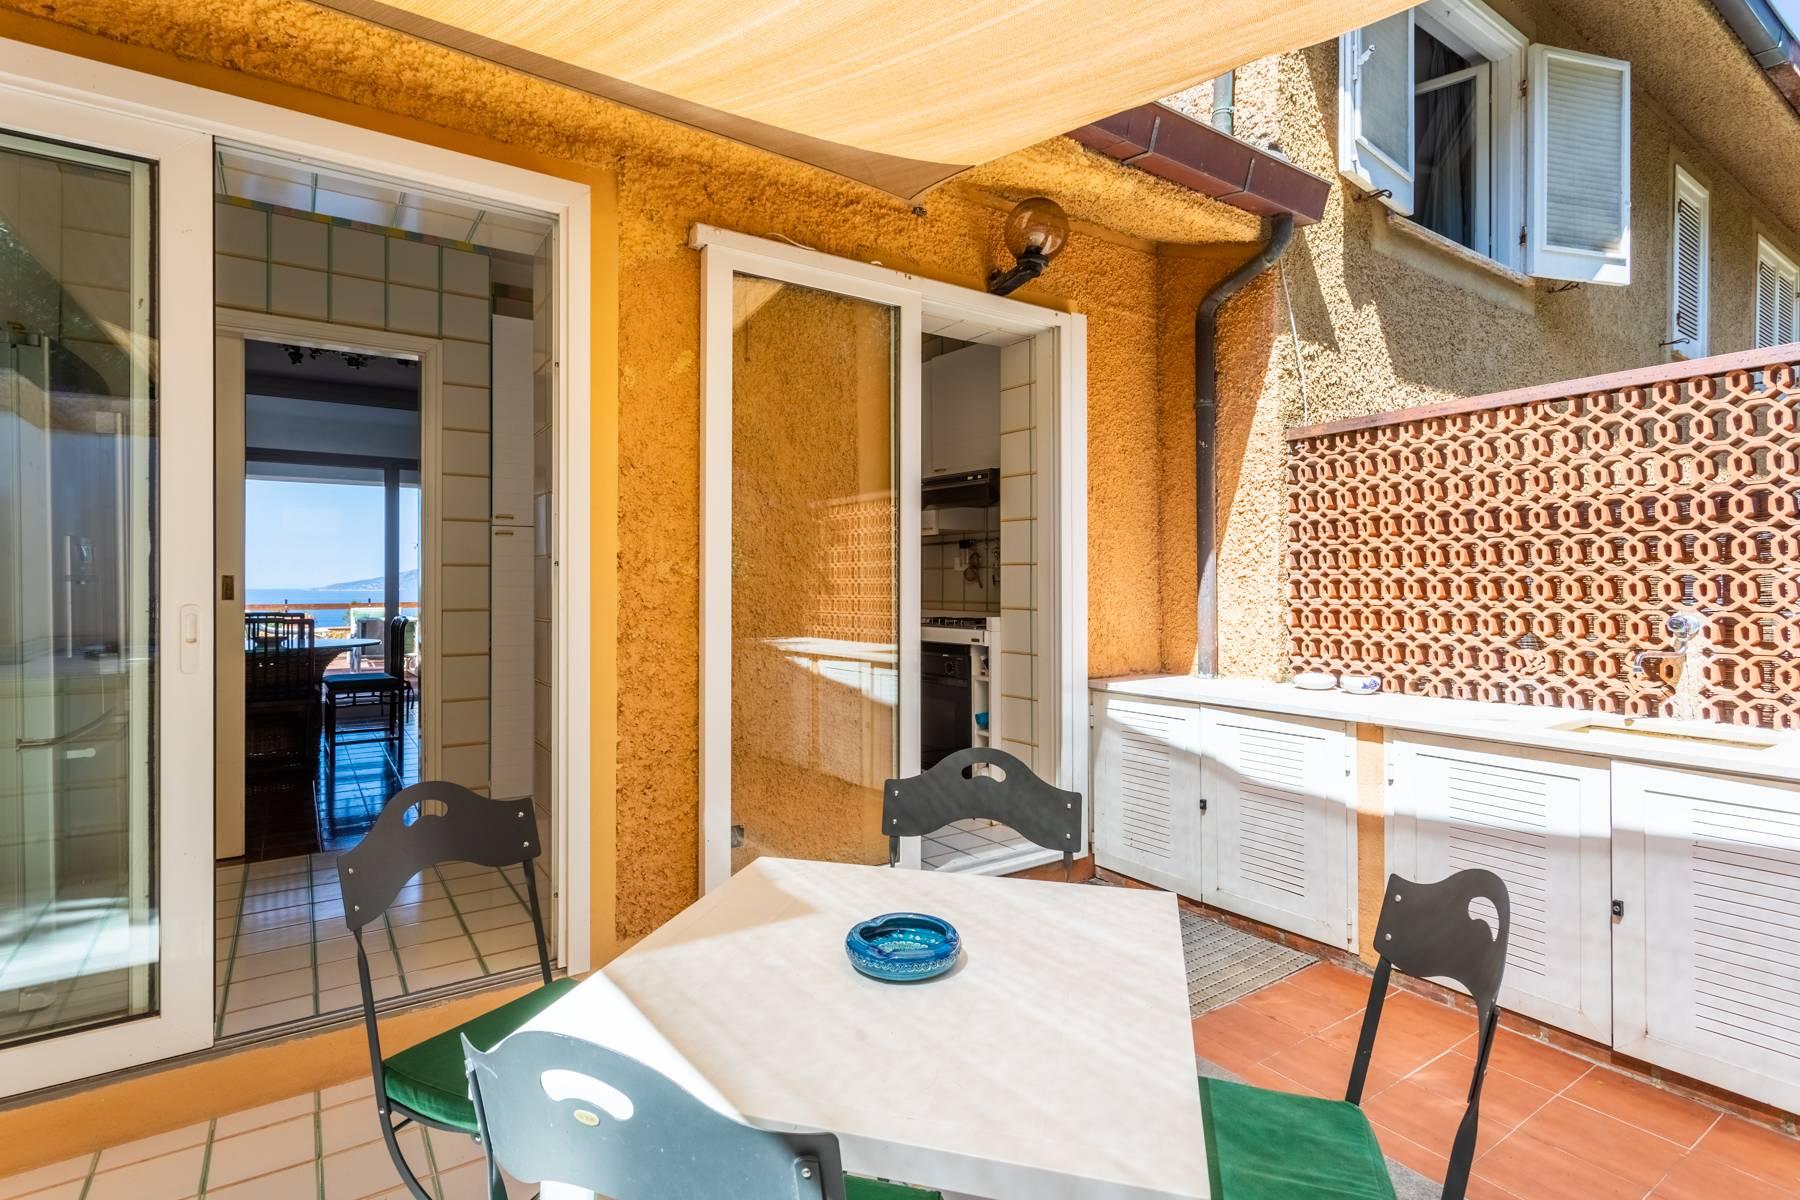 Casa indipendente in Vendita a Monte Argentario: 5 locali, 200 mq - Foto 18